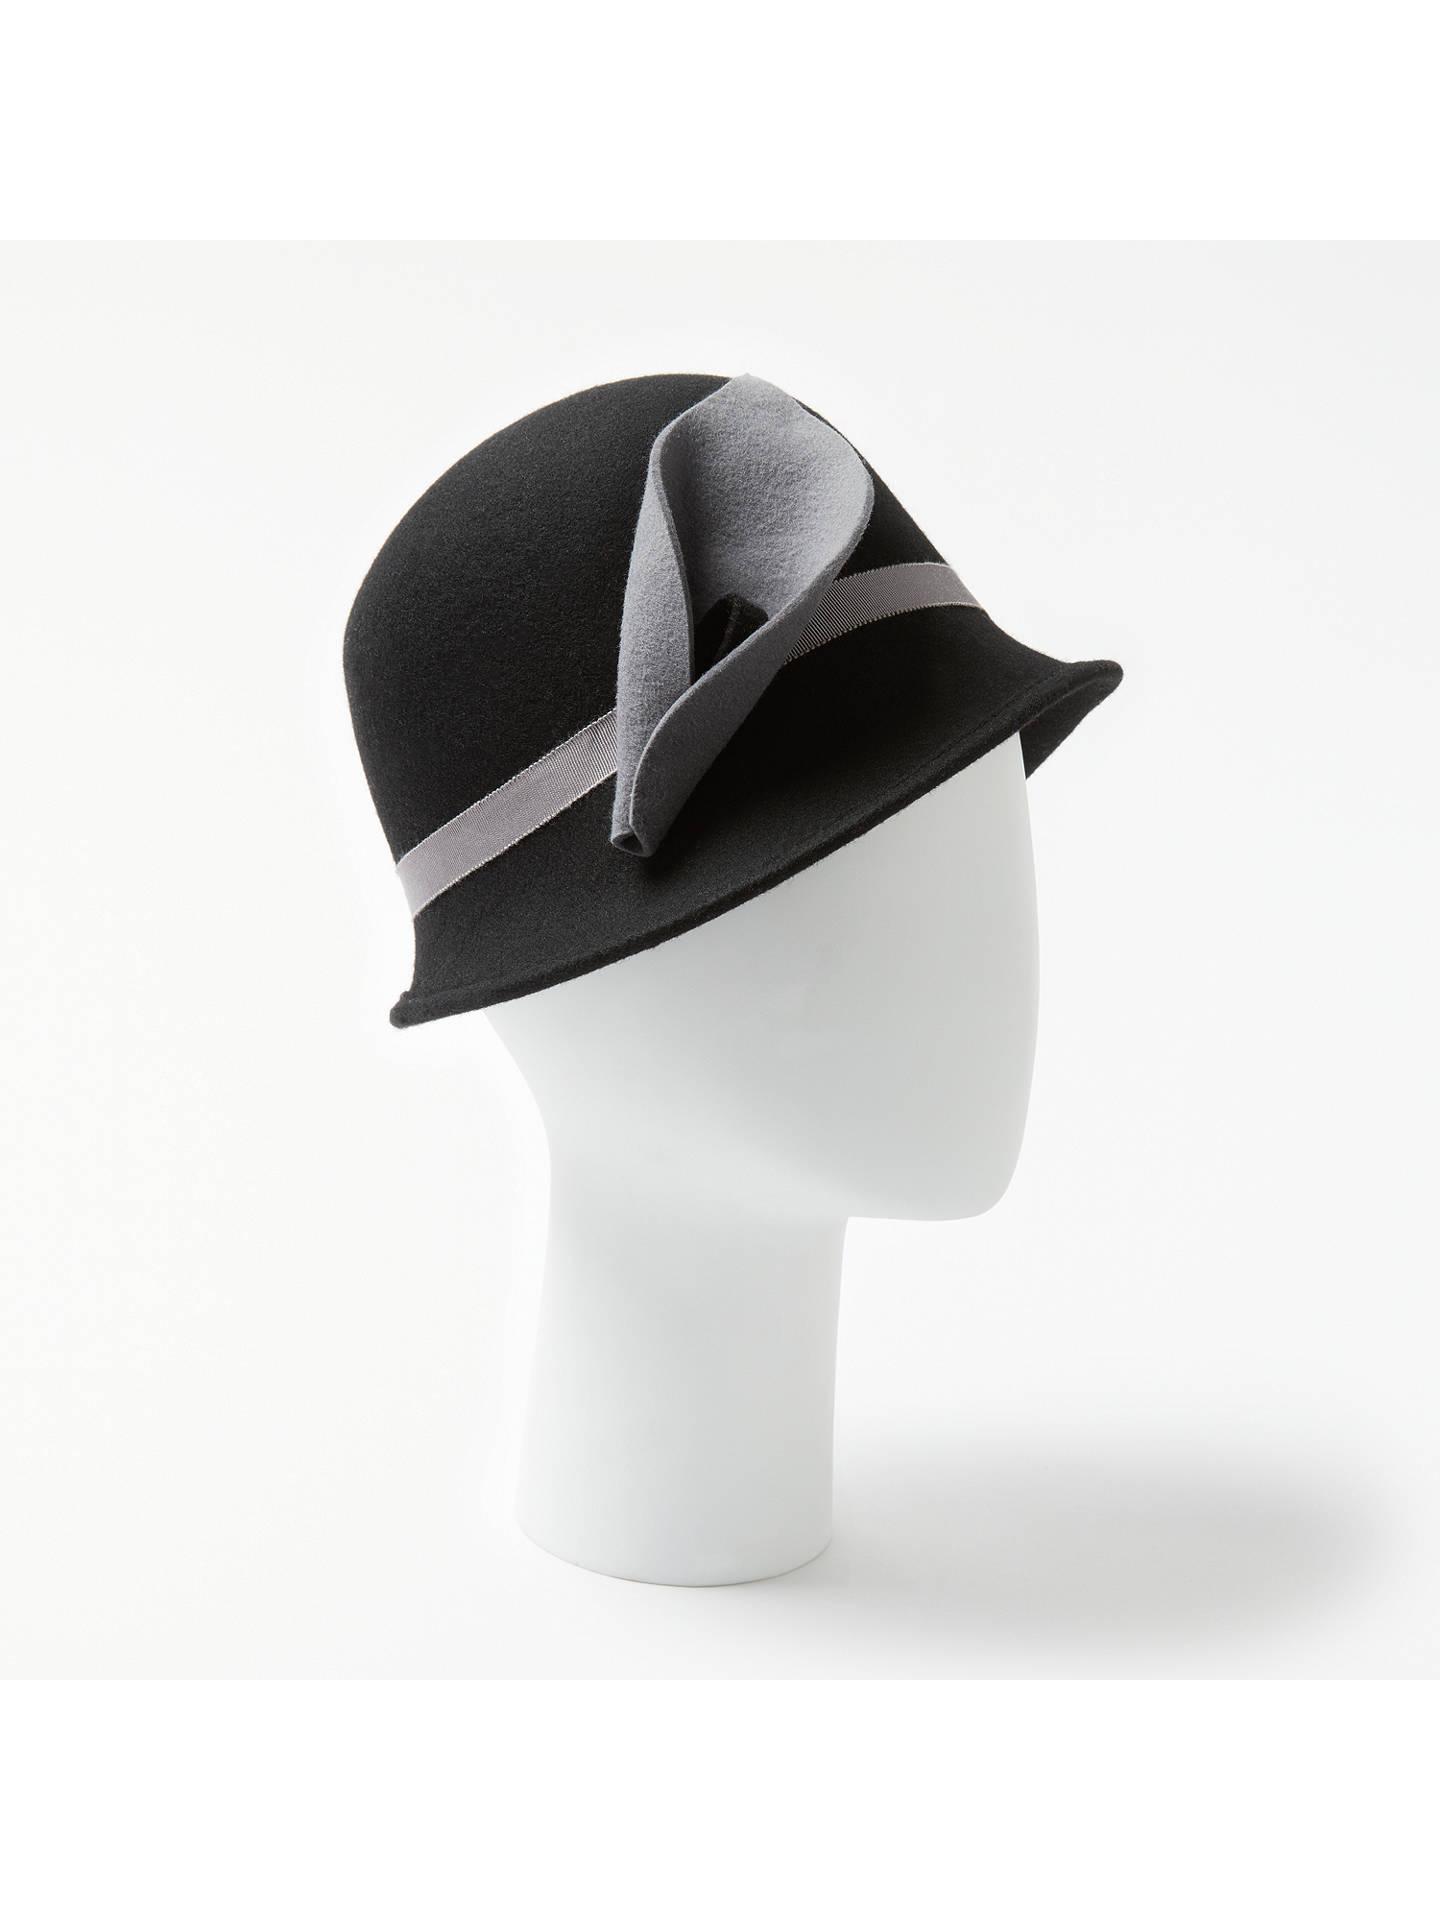 BuyJohn Lewis   Partners Wool Felt Cloche Hat e1f922a8e5e